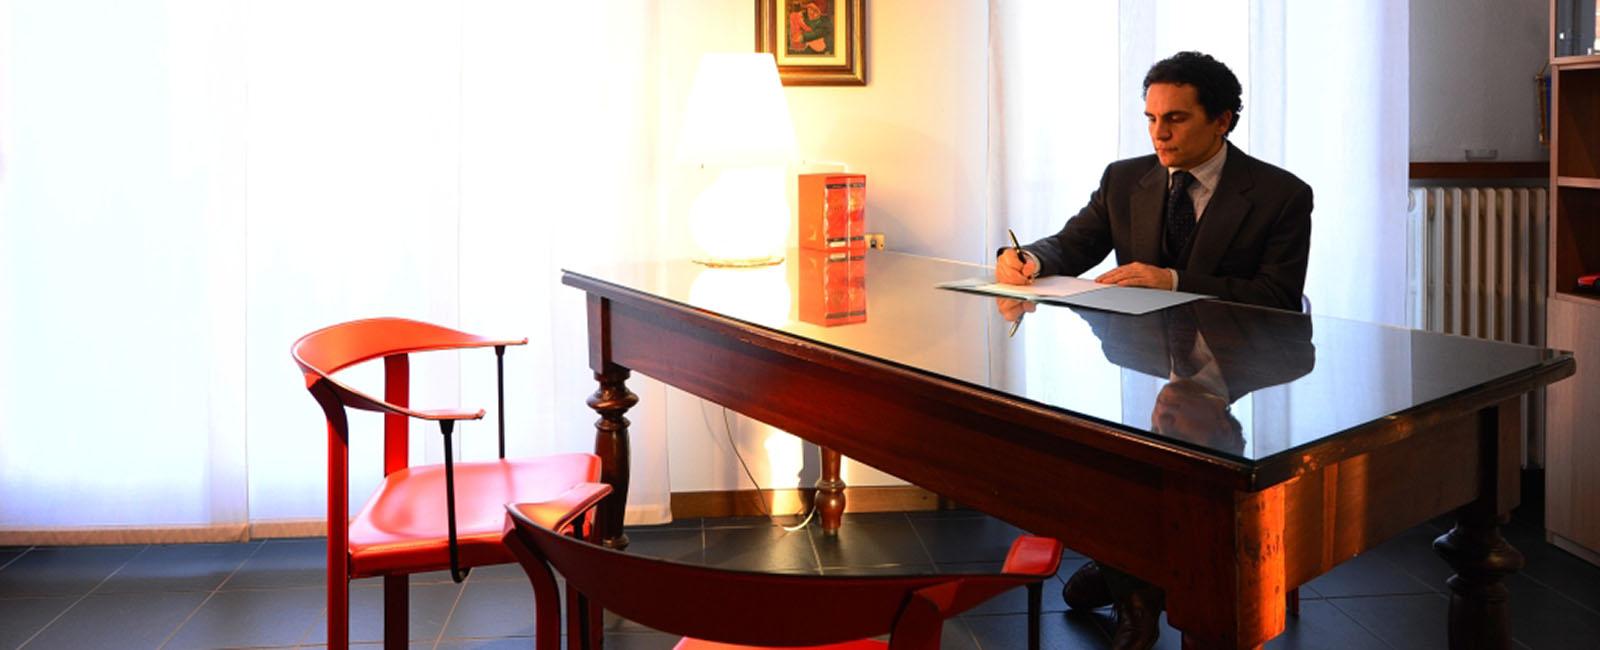 Avvocato Camparada - Contattaci per una consulenza